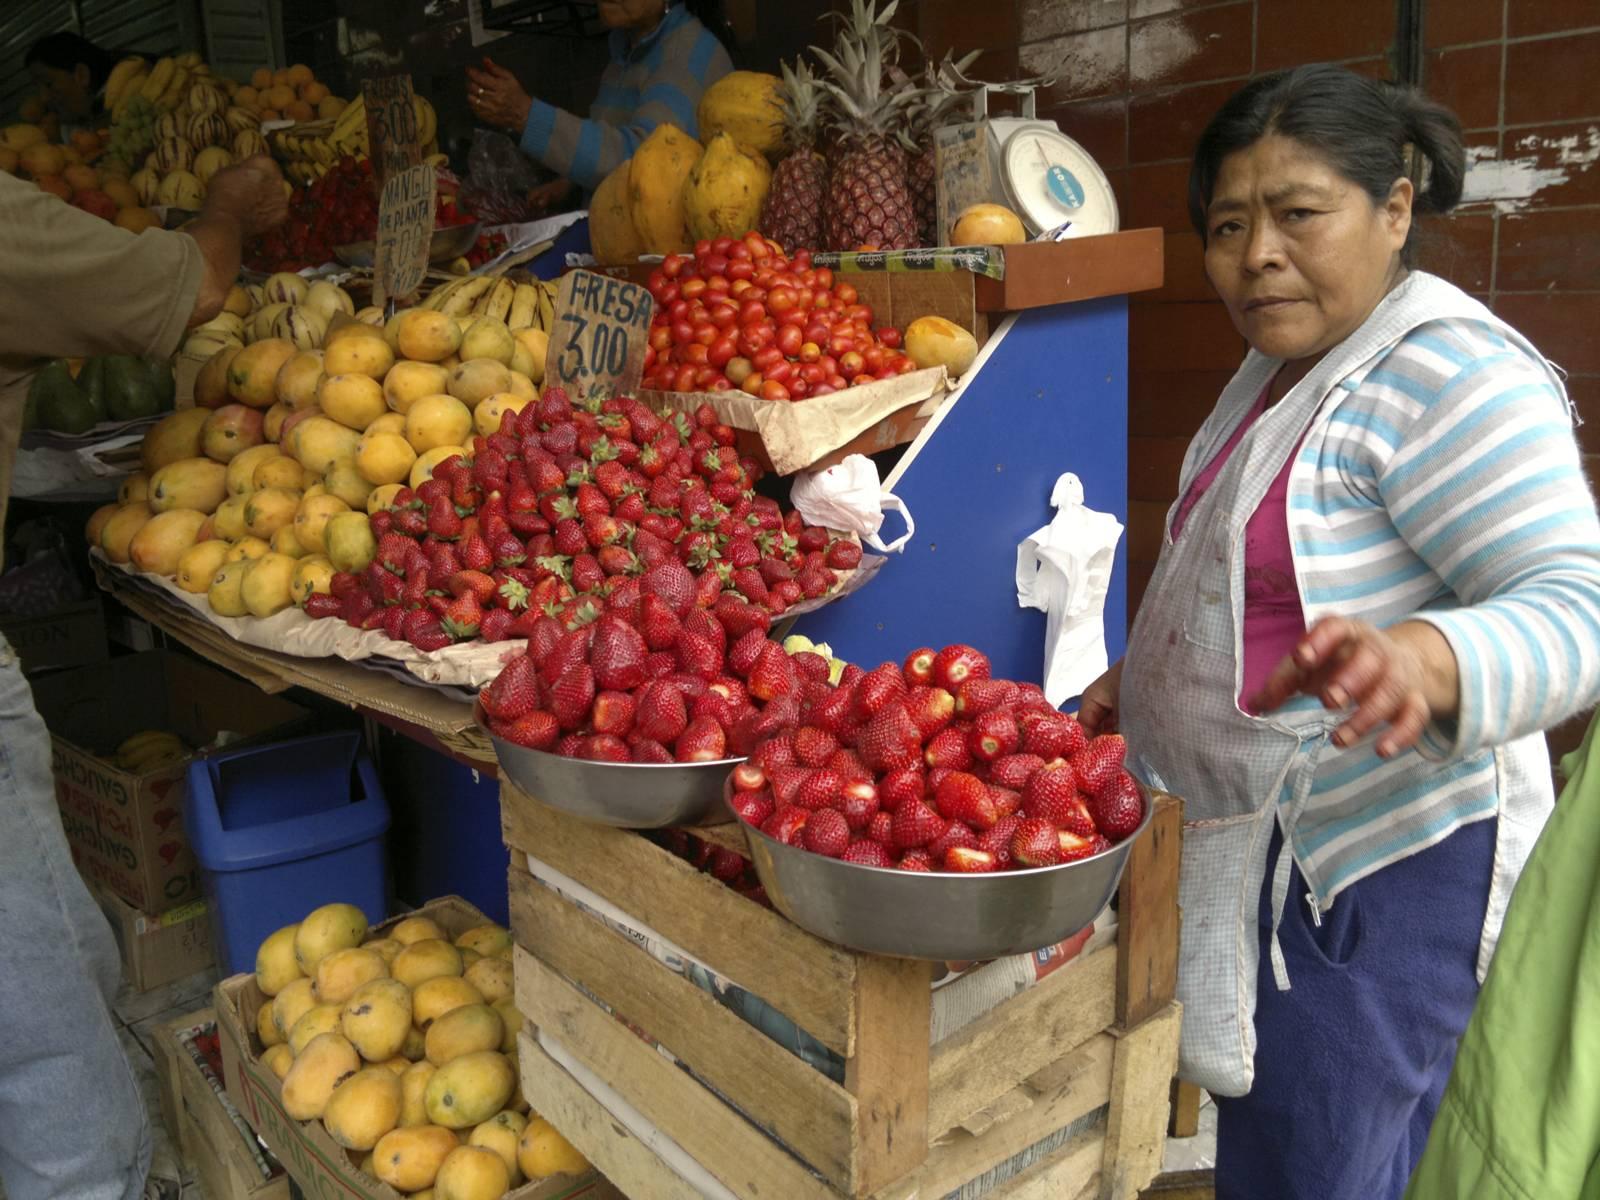 Peru-lima-mercado-mercato-market-fresas-fragole-stawberries